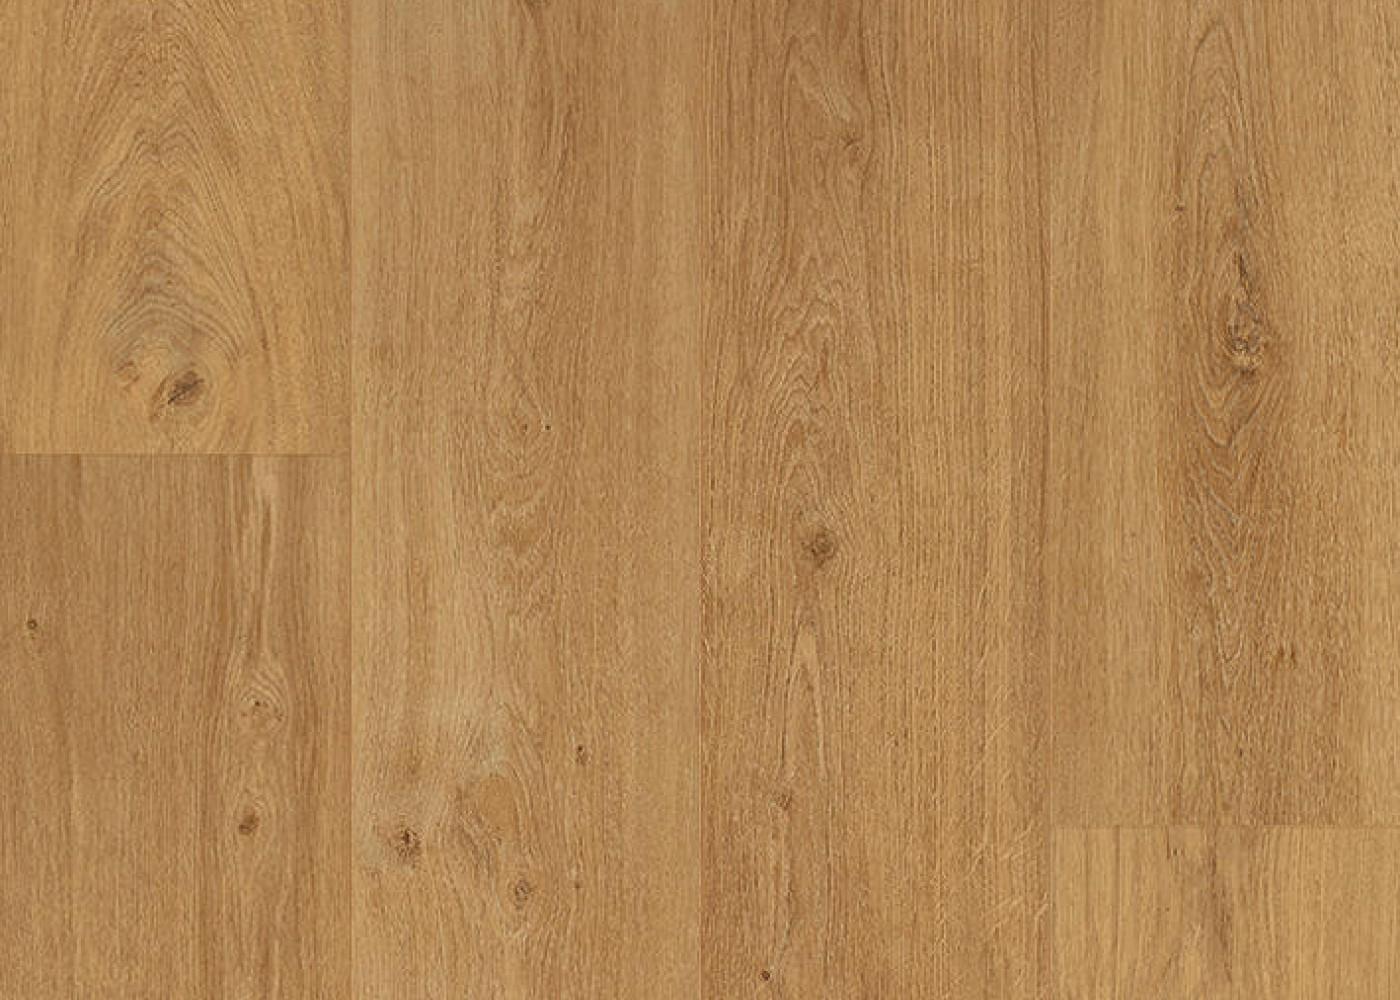 Vinyle rigide Chêne Gingerbread passage commercial 4.5x225x1524